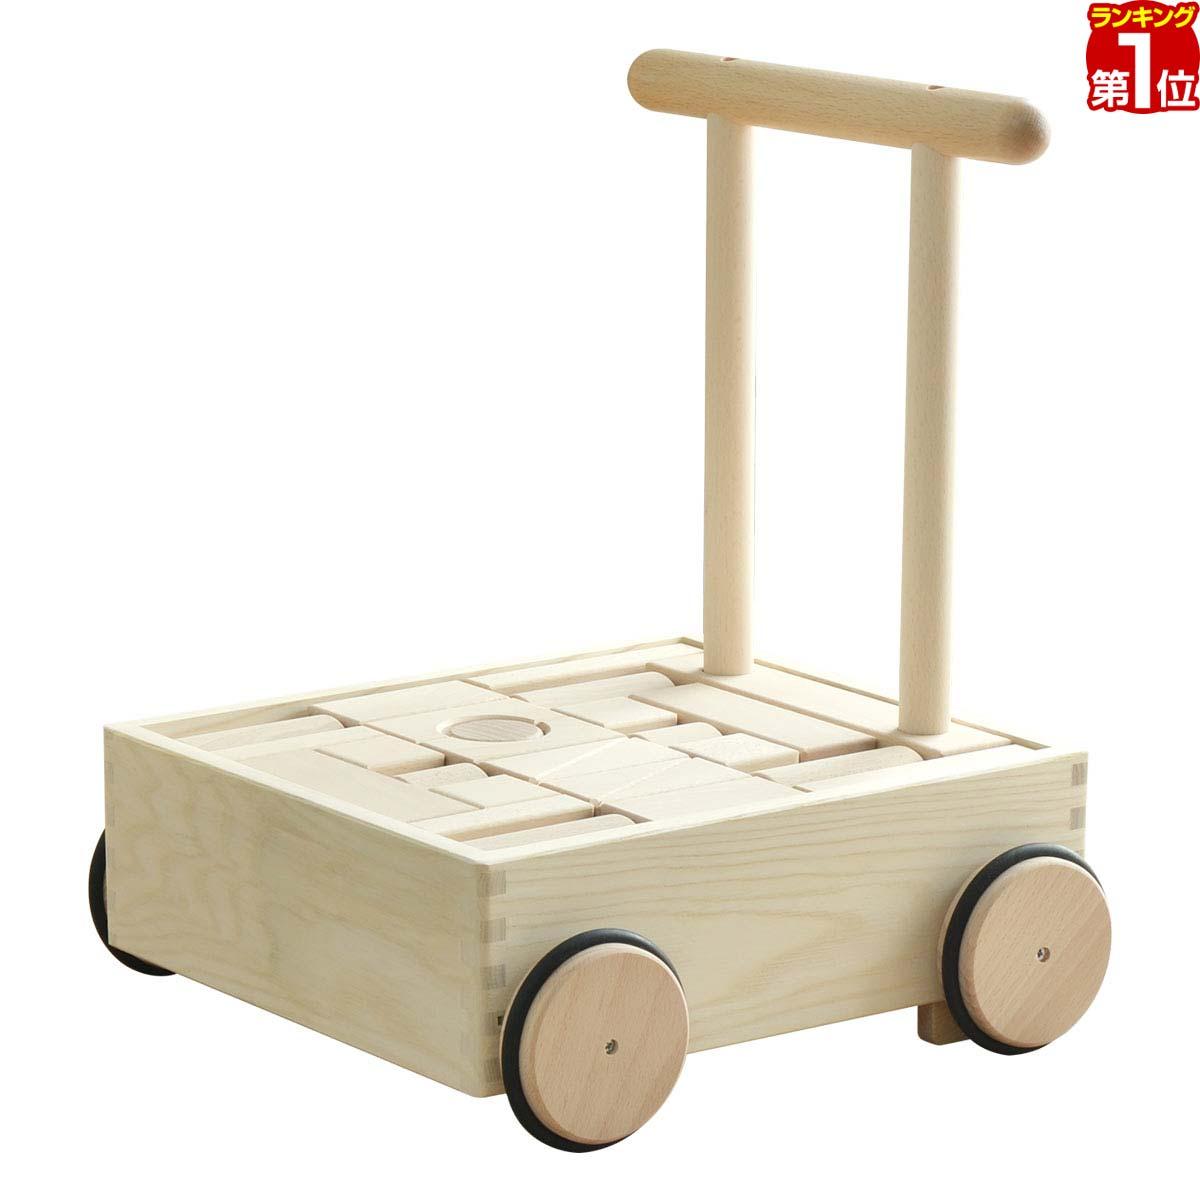 1年保証 コイデ KOIDE 日本製 おもちゃ 玩具 押車積み木 K25 手押し車 押し車 積み木 知育 室内 1歳 2歳 男の子 女の子 子供 幼児 ベビー 知育玩具 出産祝い 誕生日 ウッド 天然木 国産 ■[送料無料]